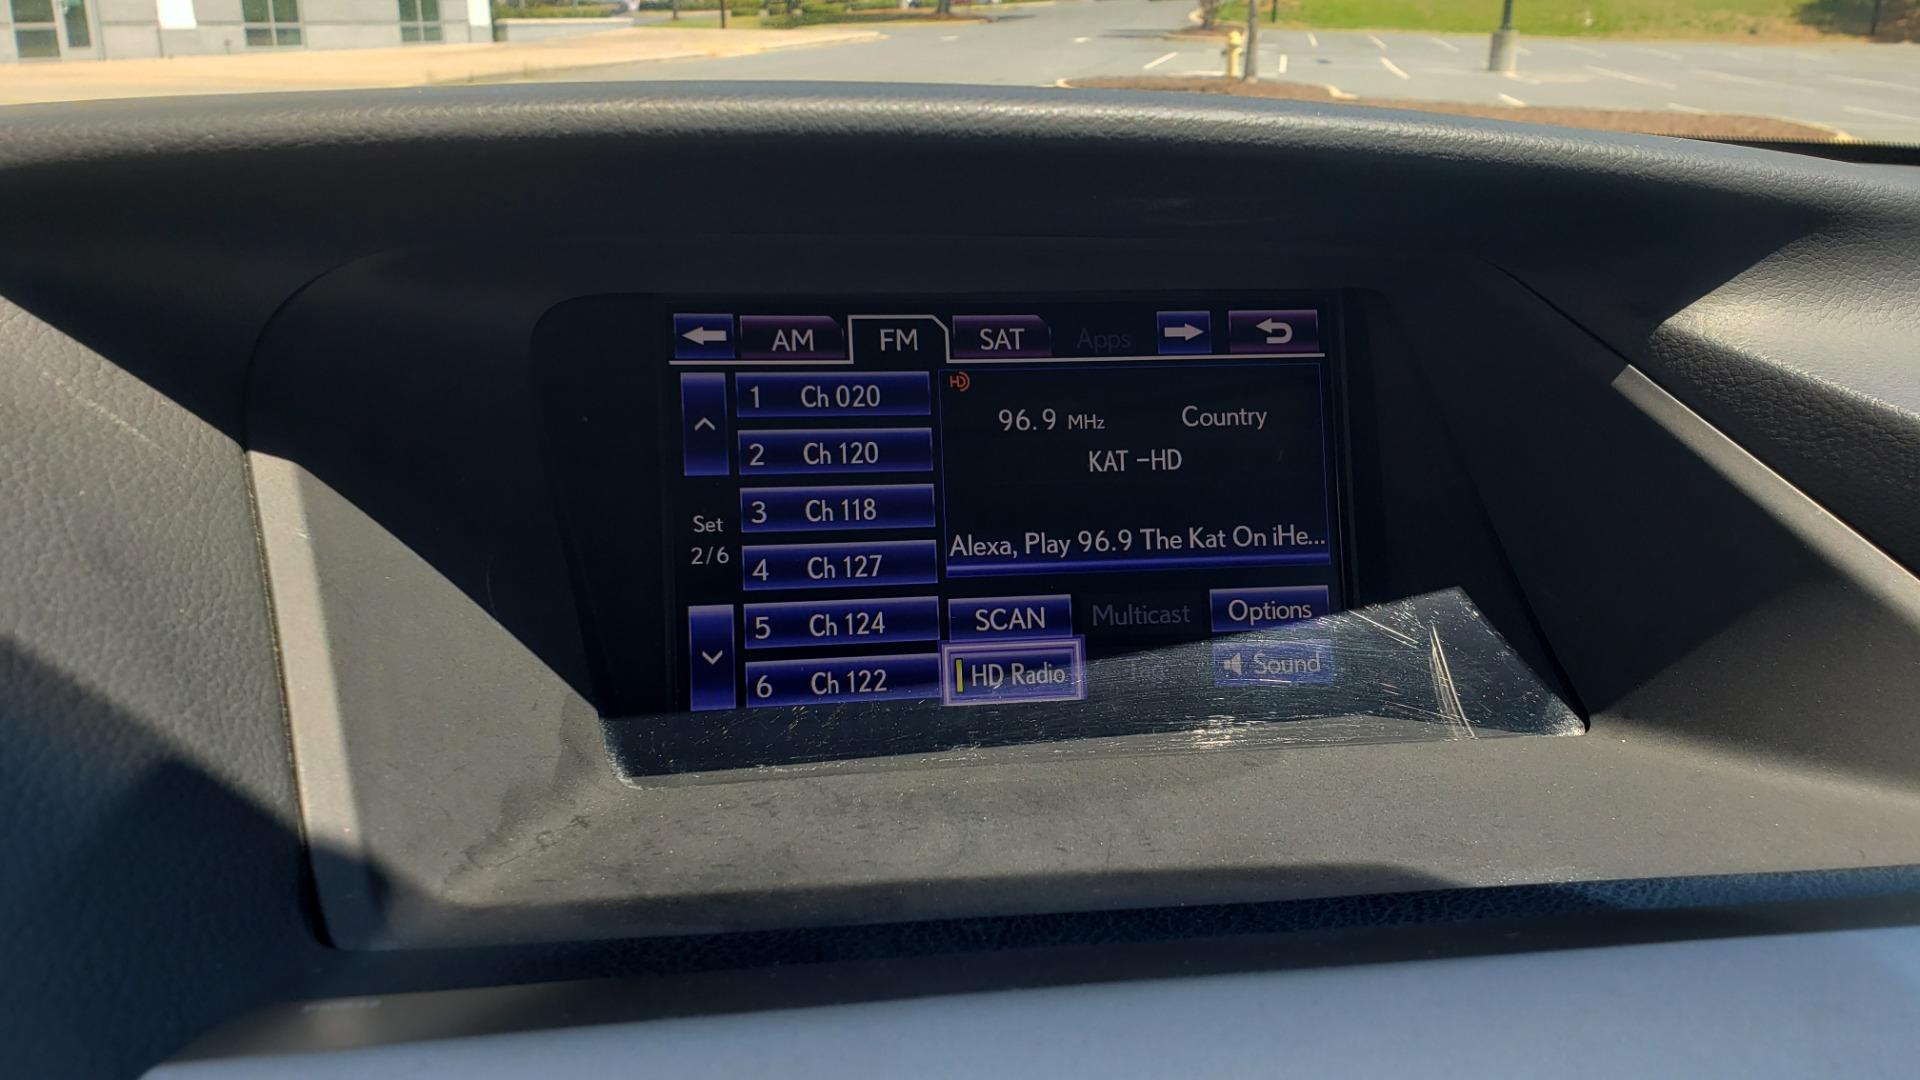 Used 2015 Lexus RX 450H AWD / PREM PKG / NAV / PARK ASST / HUD / BLIND SPOT MONITOR for sale Sold at Formula Imports in Charlotte NC 28227 50